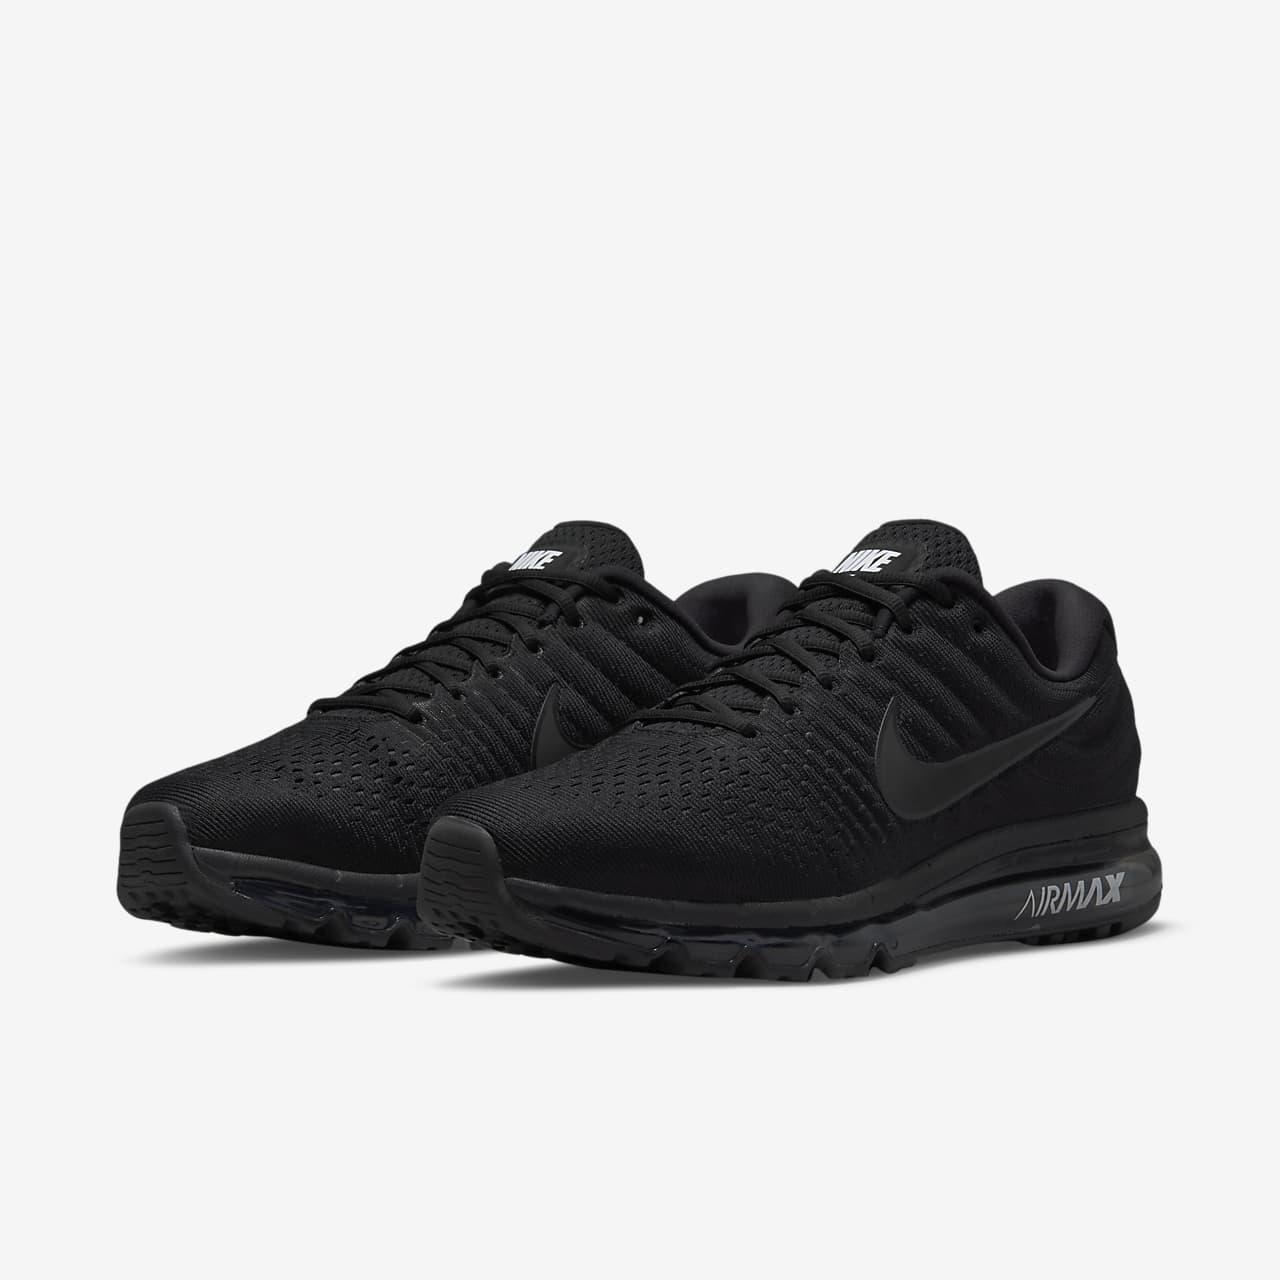 finest selection 9cece 53bbf ... Nike Air Max 2017-sko til mænd